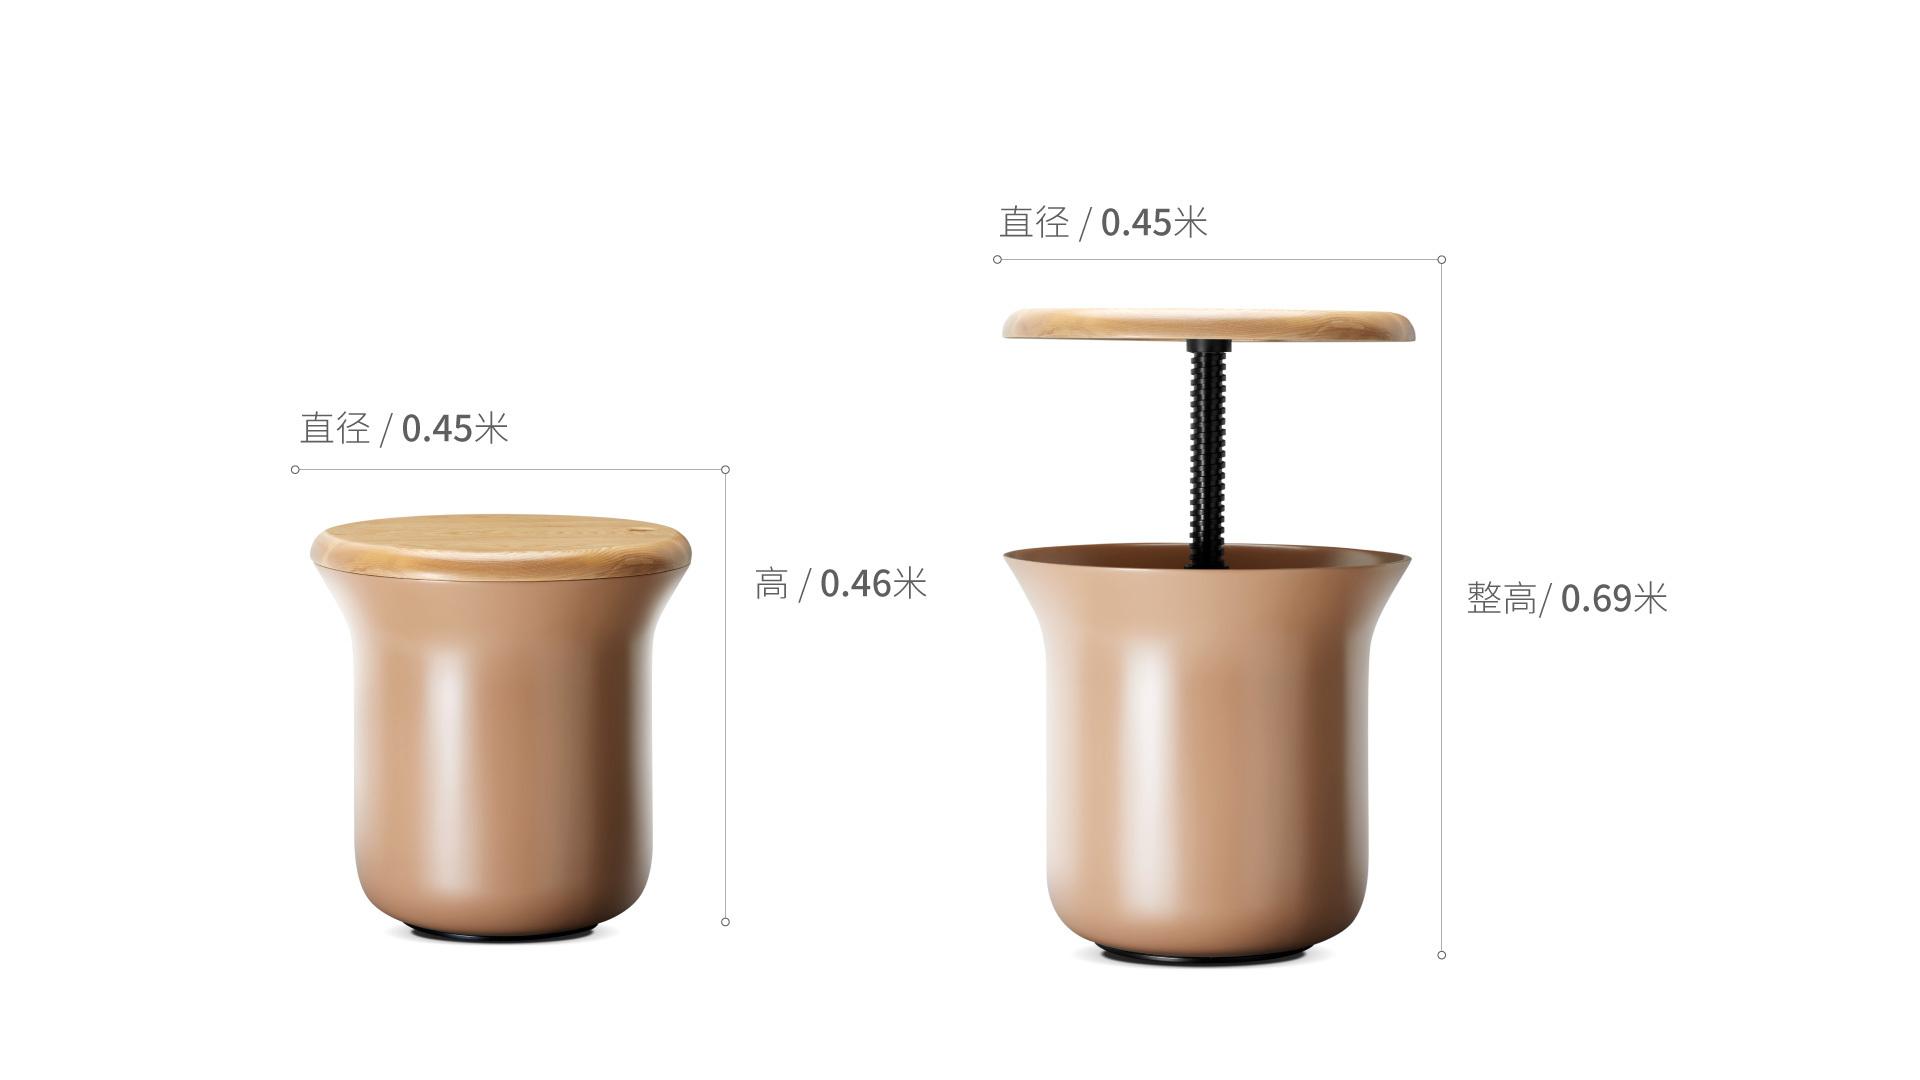 旋木小凳柜架效果图